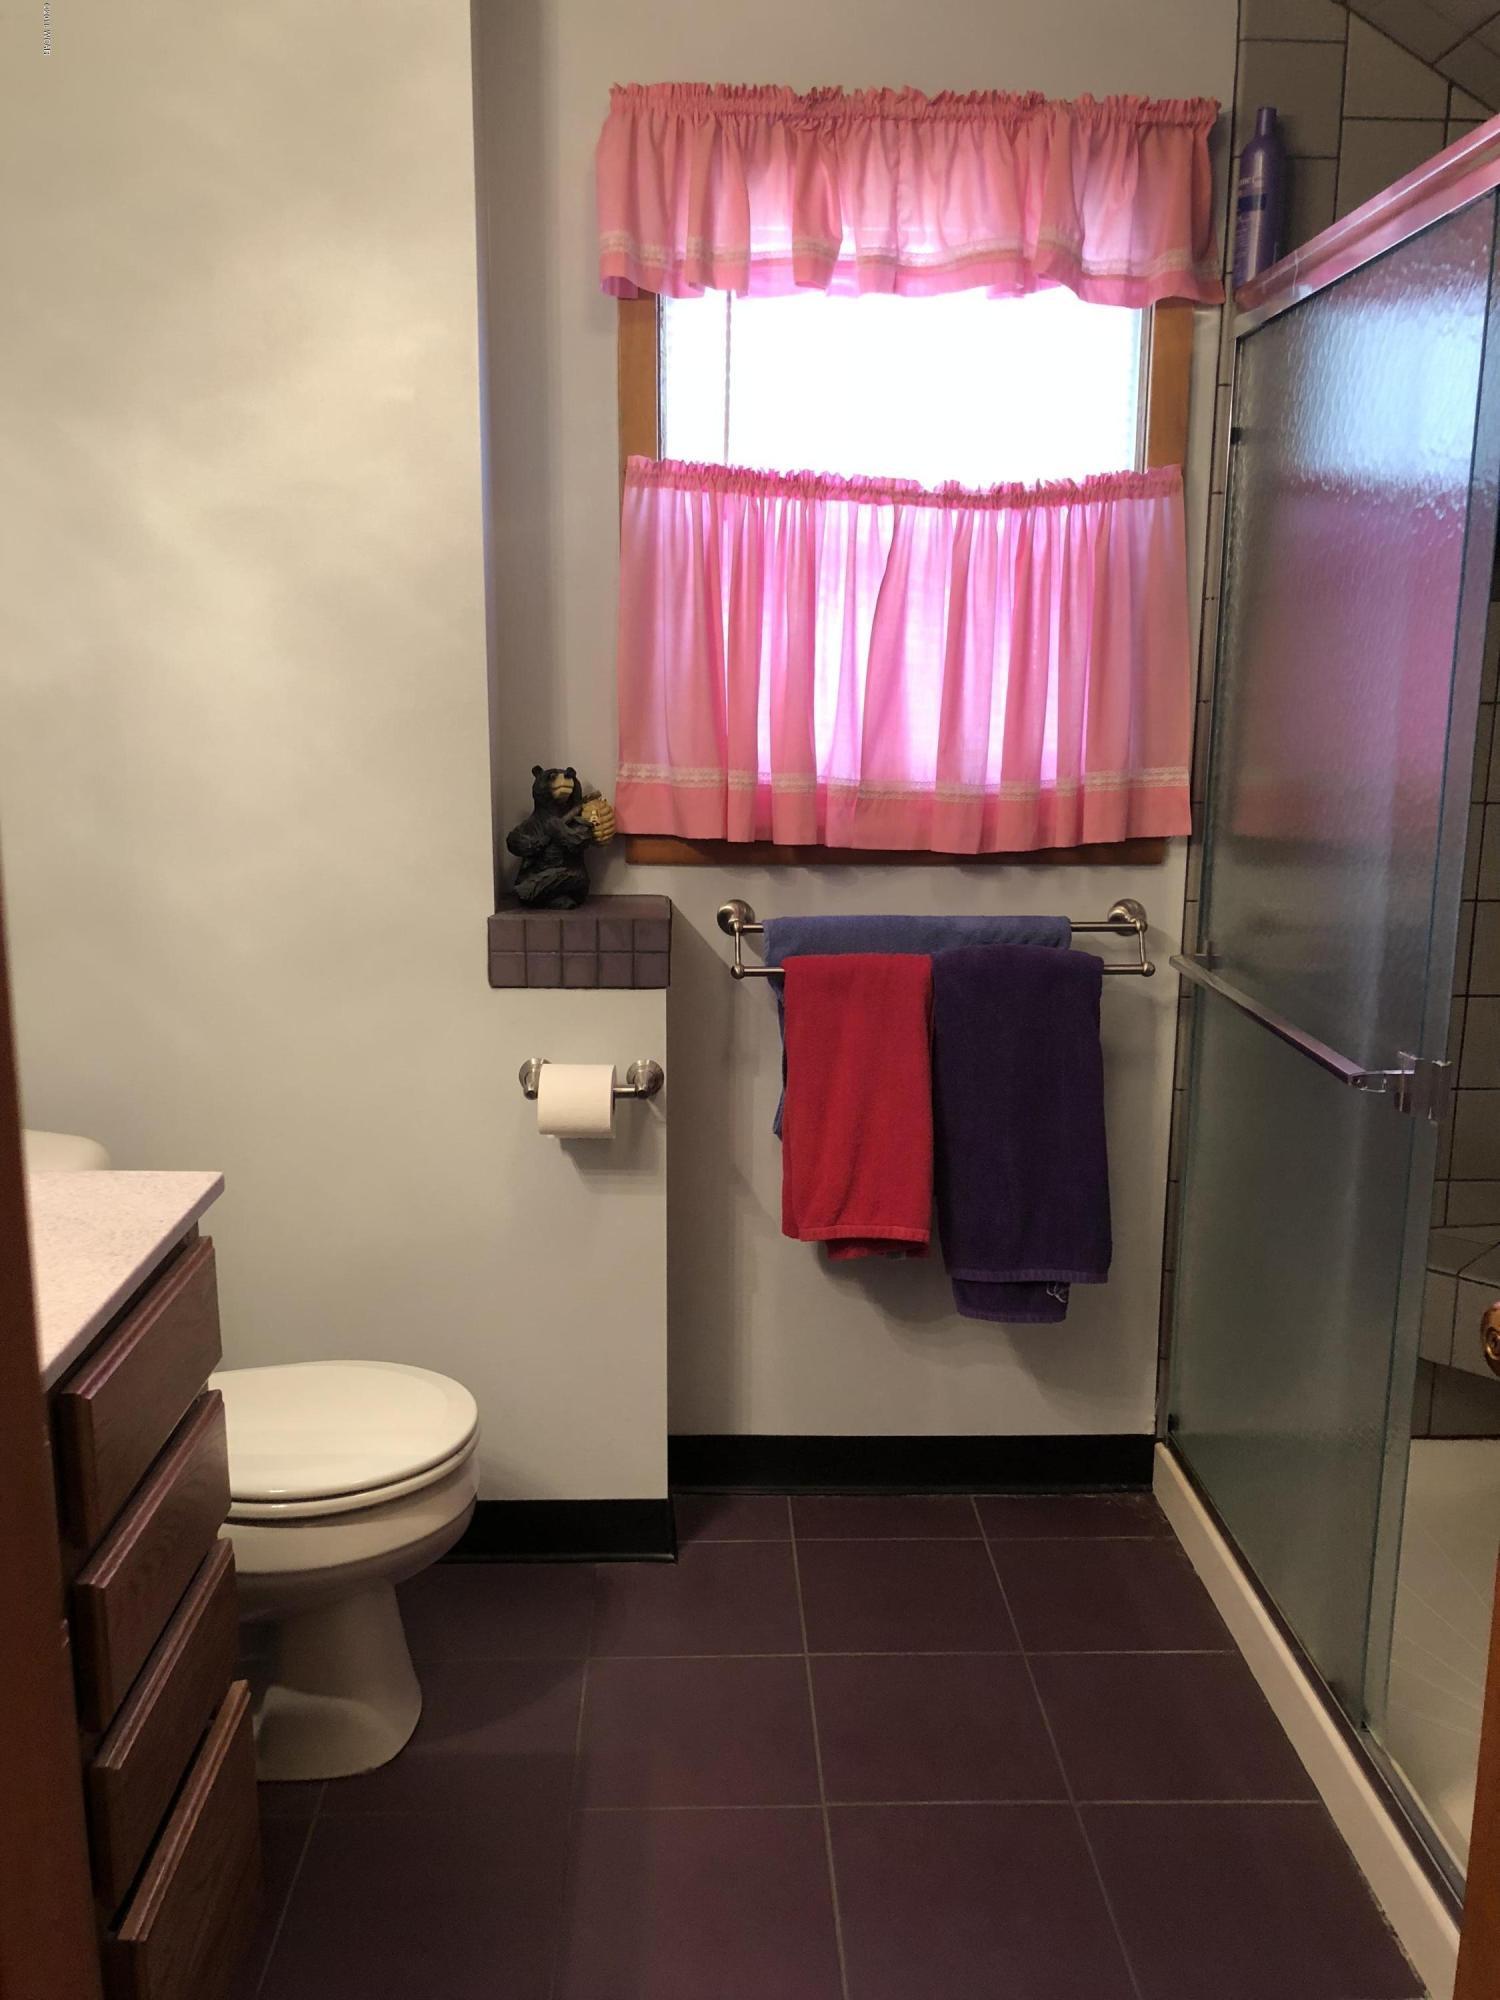 210 N 8th Street,Montevideo,3 Bedrooms Bedrooms,2 BathroomsBathrooms,Single Family,N 8th Street,6032818